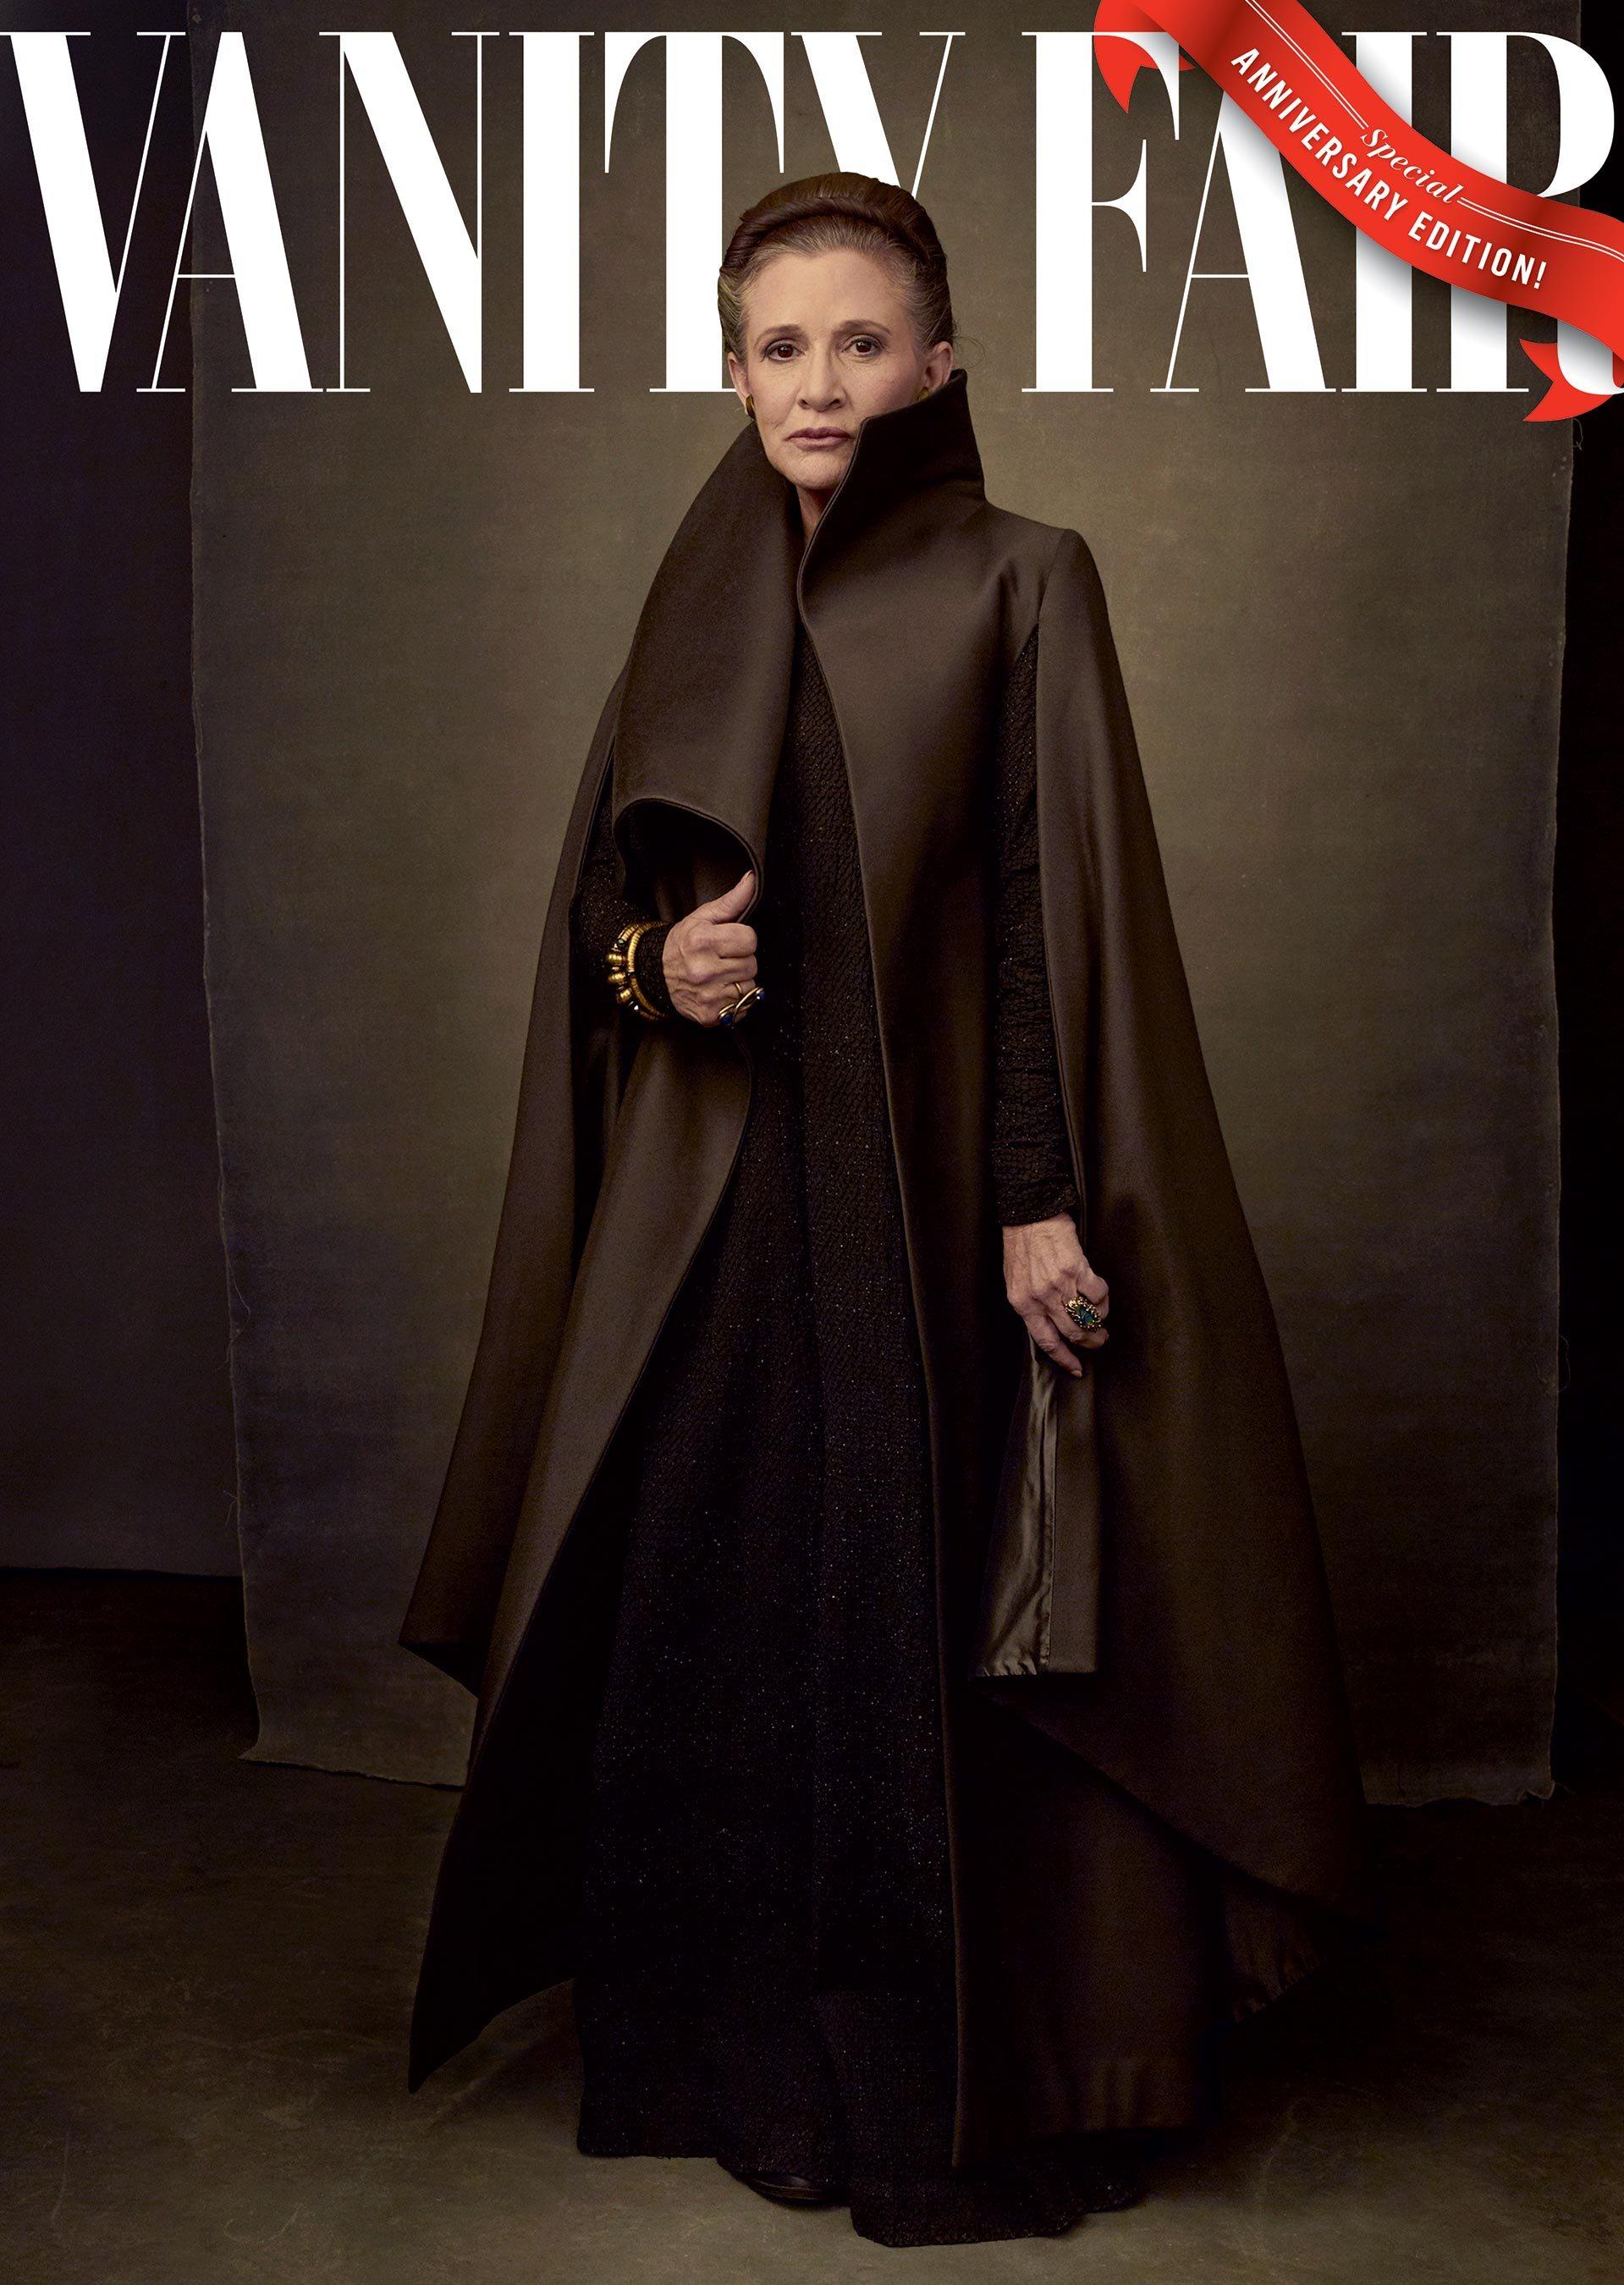 Gli ultimi Jedi: la copertina di Vanity Fair dedicata a Carrie Fisher